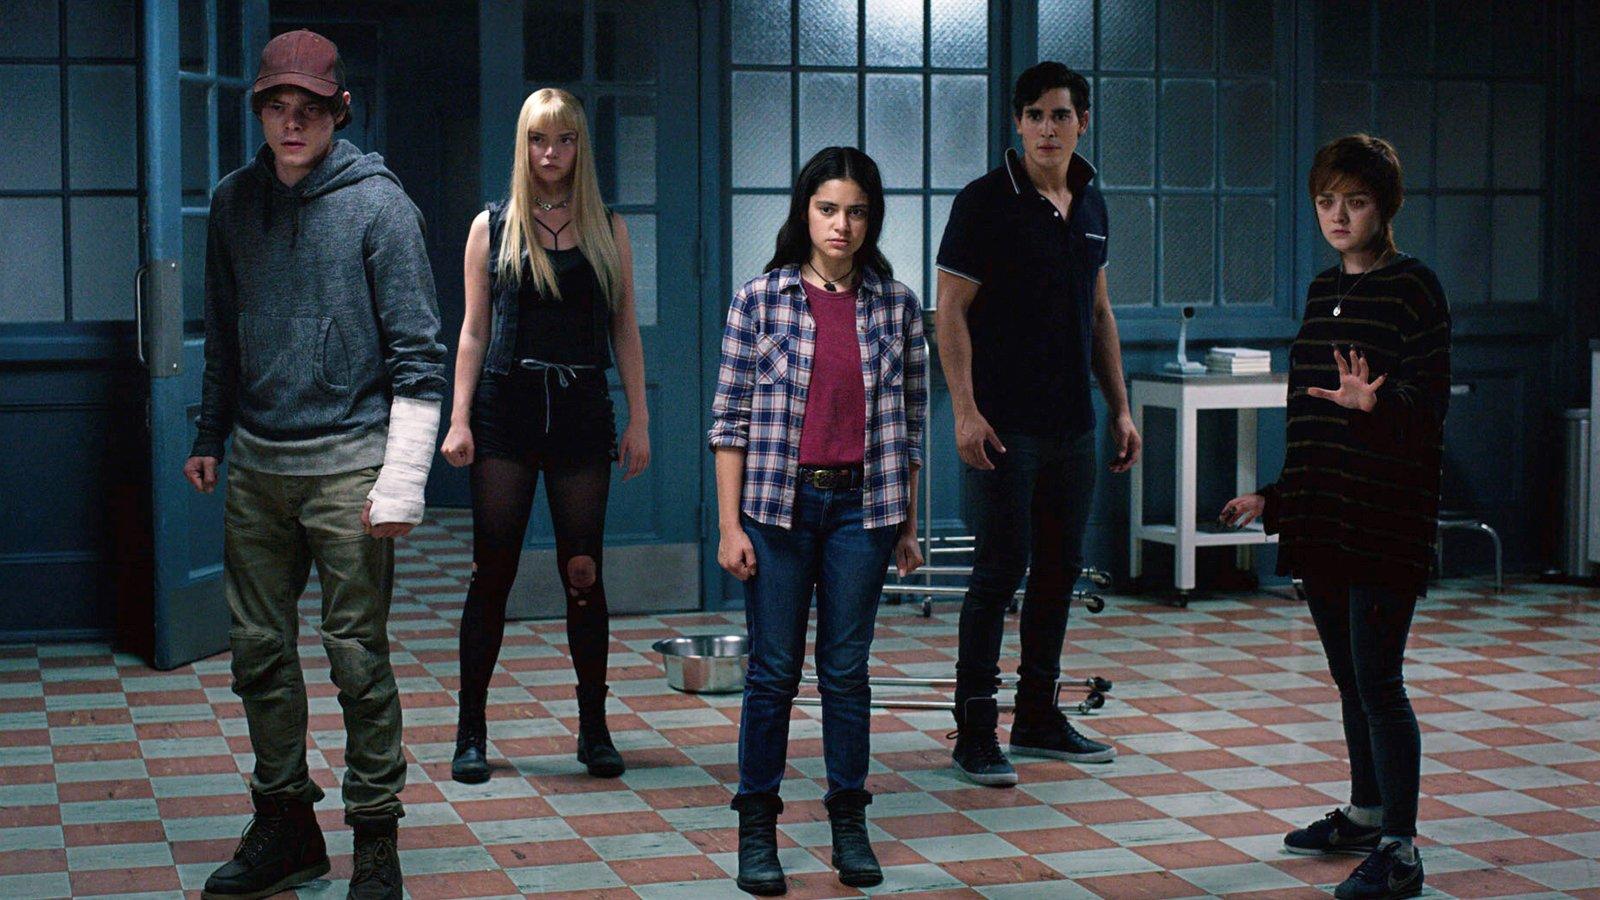 Os novos mutantes decepciona quem esperou anos pelo filme de terror da marvel. O quinteto de os novos mutantes é bom demais para um filme que perde a direção de qual gênero cinematográfico quer realmente seguir